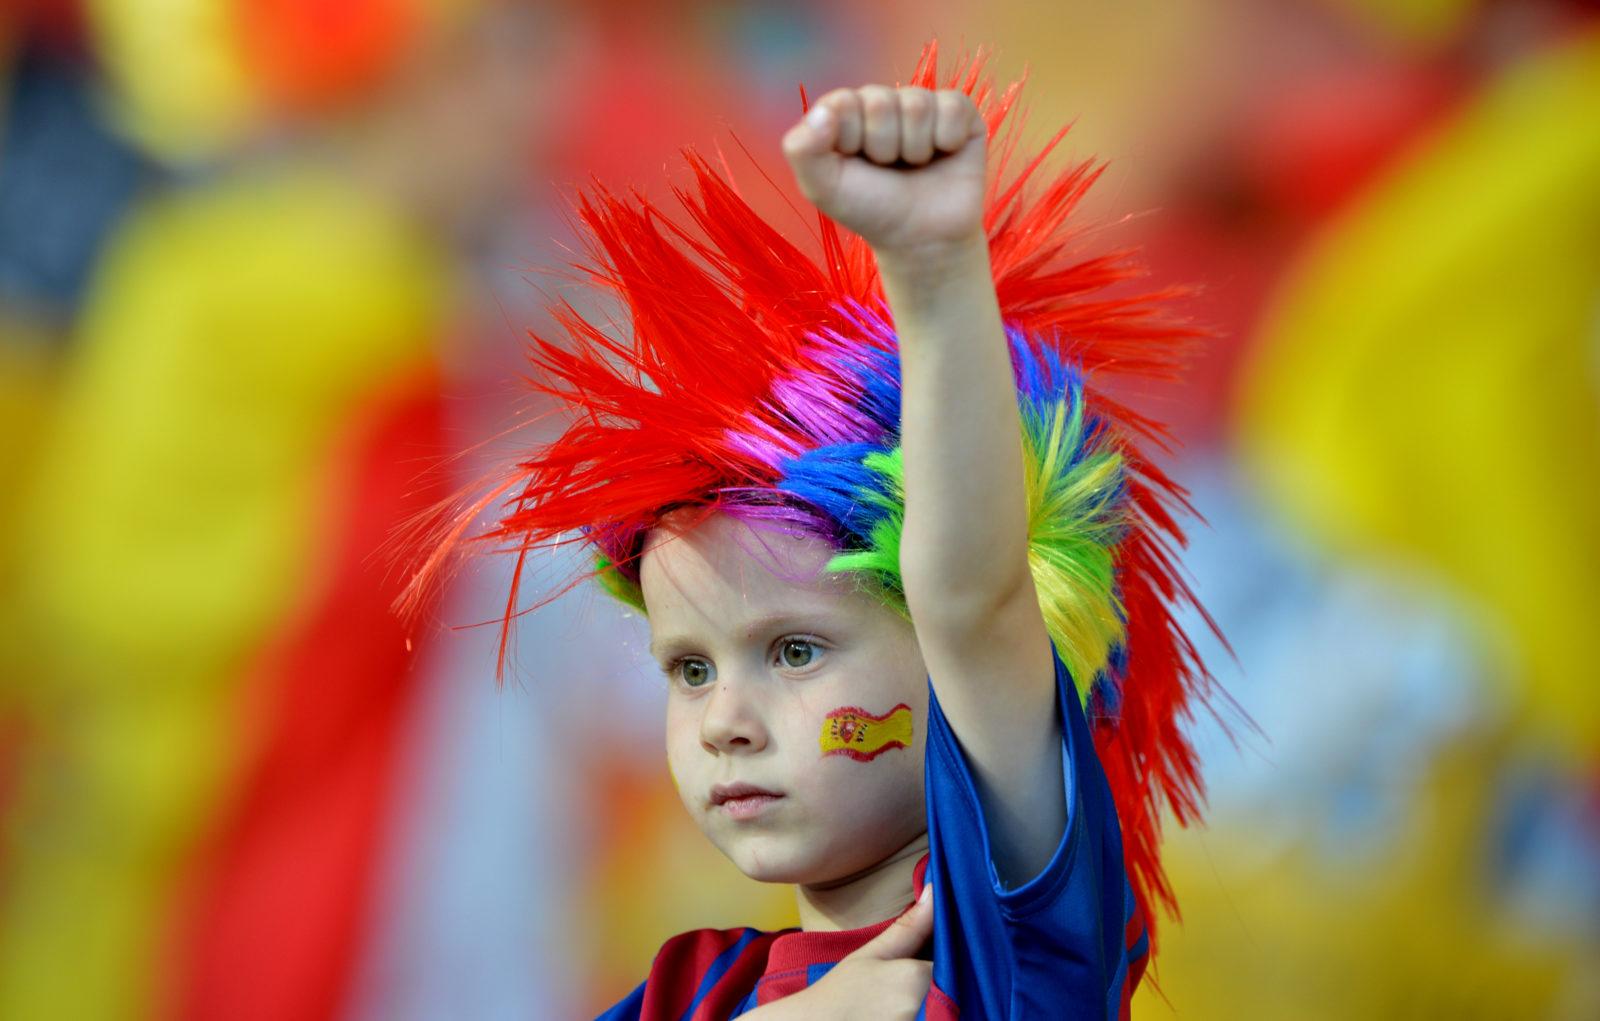 Viele offene Fragen - aber ein grossartiges Spiel: Spanischer Fussballfan. AFP/Gabriel Bouys)